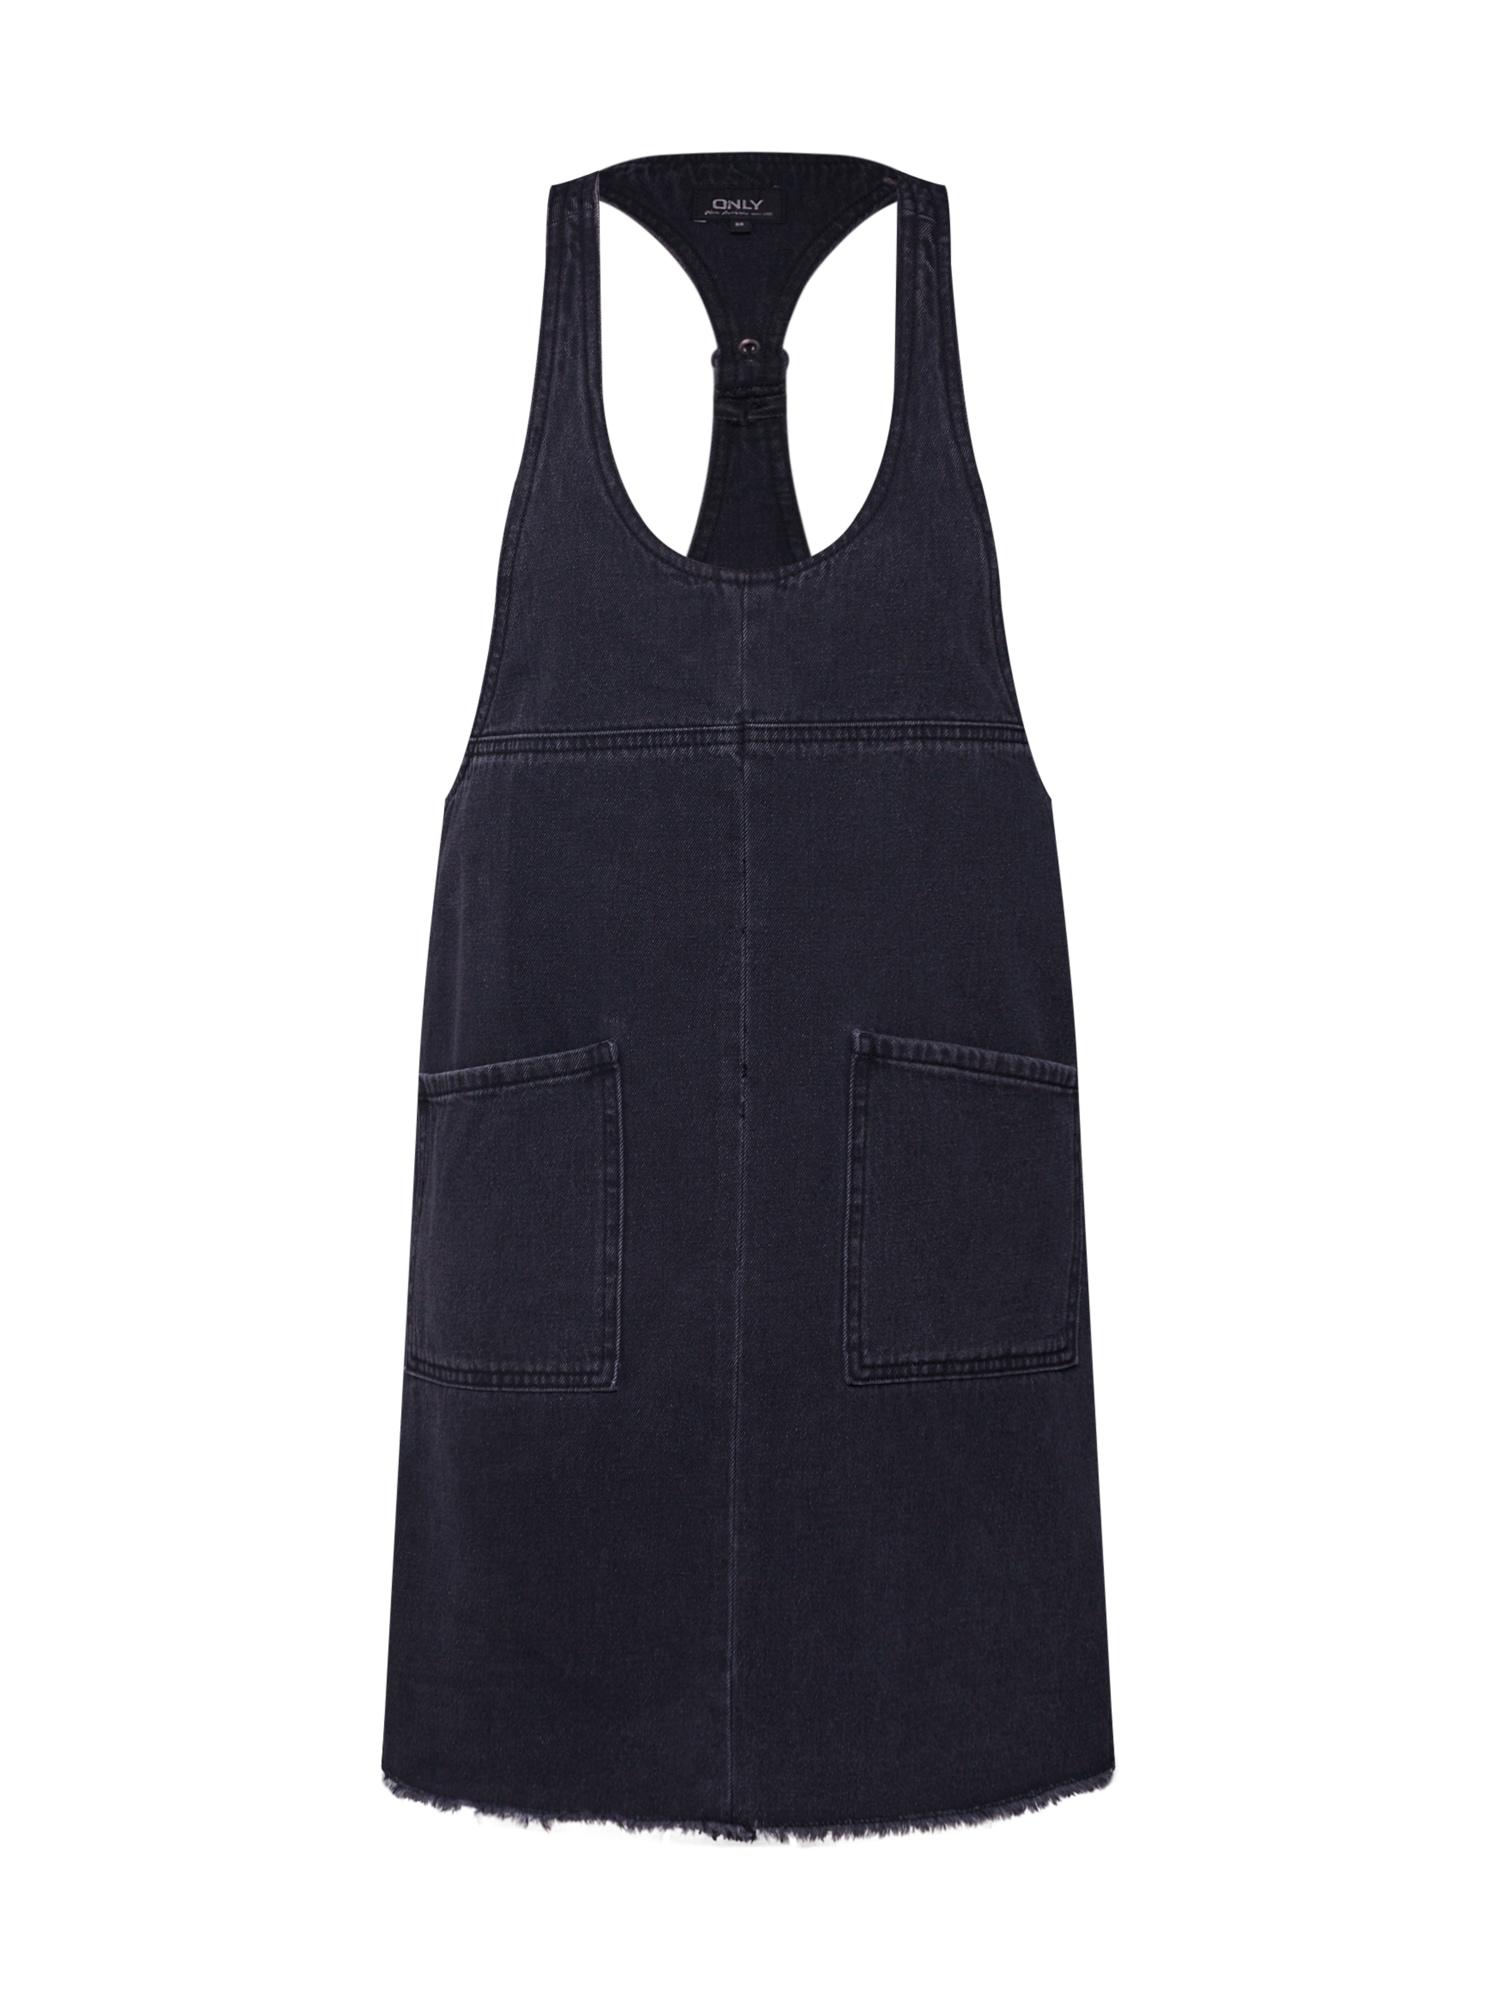 Laclová sukně Spencer černá ONLY